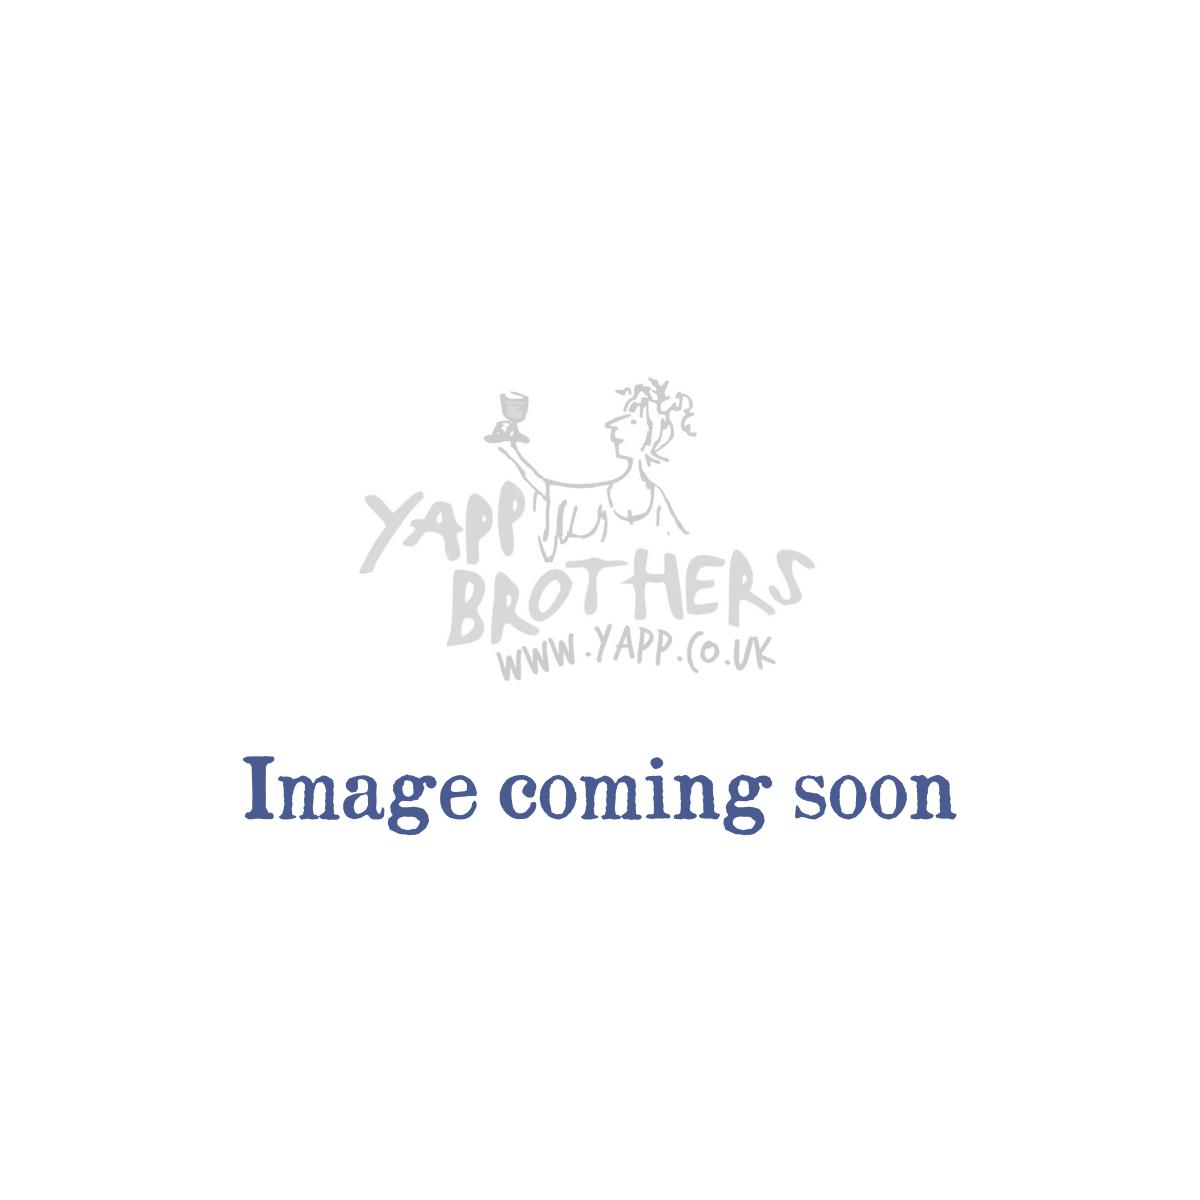 Bourgogne Pinot Noir: Domaine Bruno Colin 2019 - Bottle Rear Label